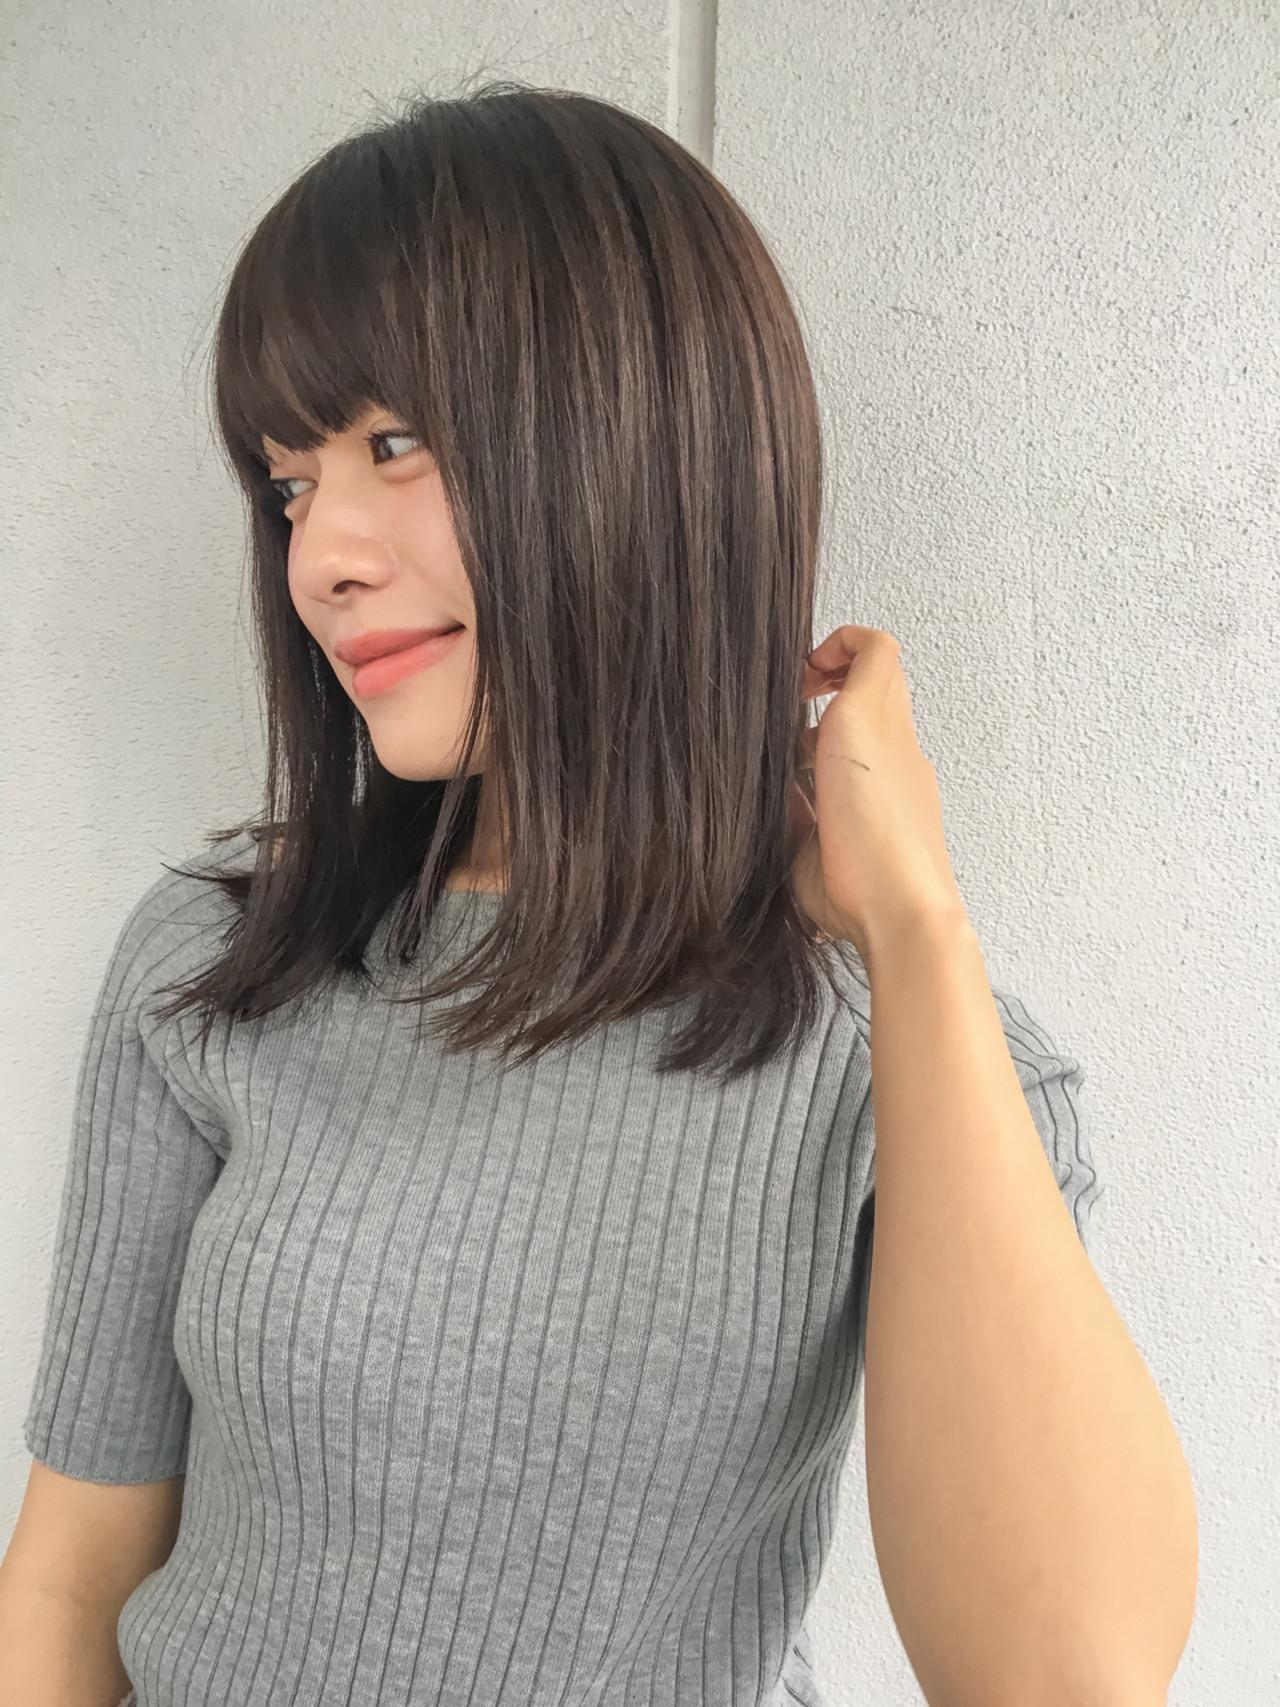 ミディアム 暗髪 コンサバ 冬 ヘアスタイルや髪型の写真・画像